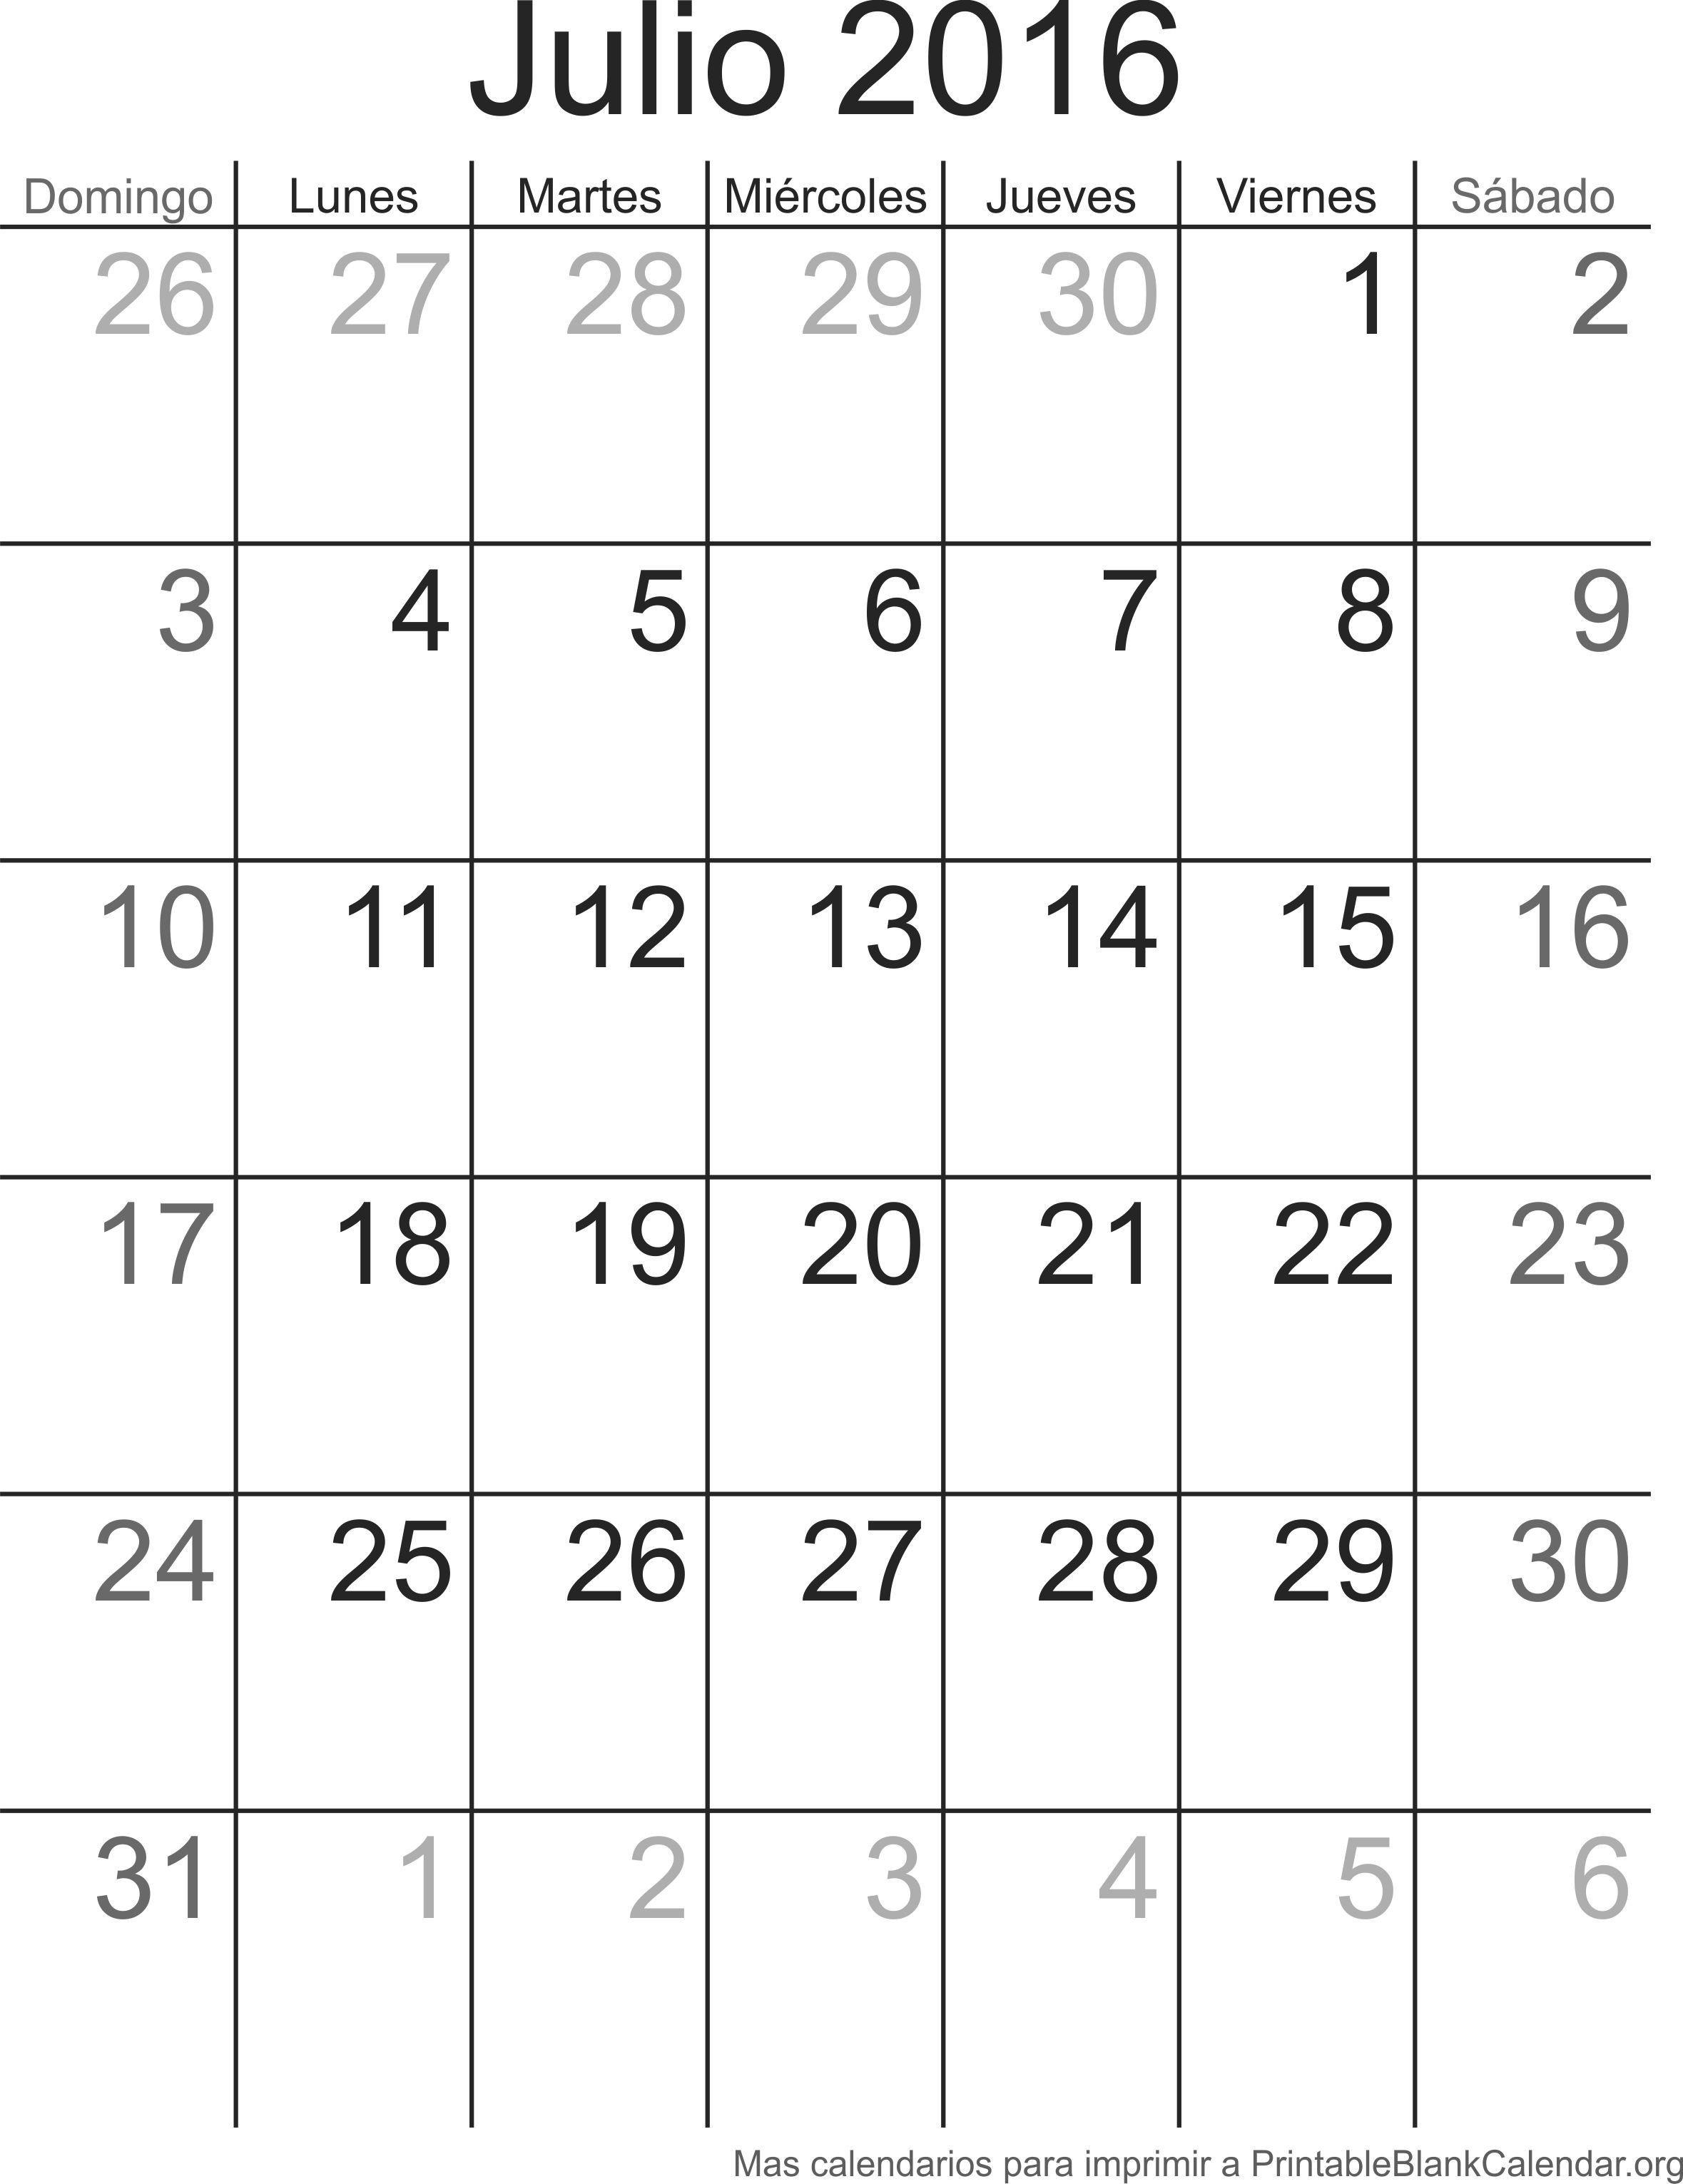 calendario julio 2016 para imprimir resume jun calendarios Search for